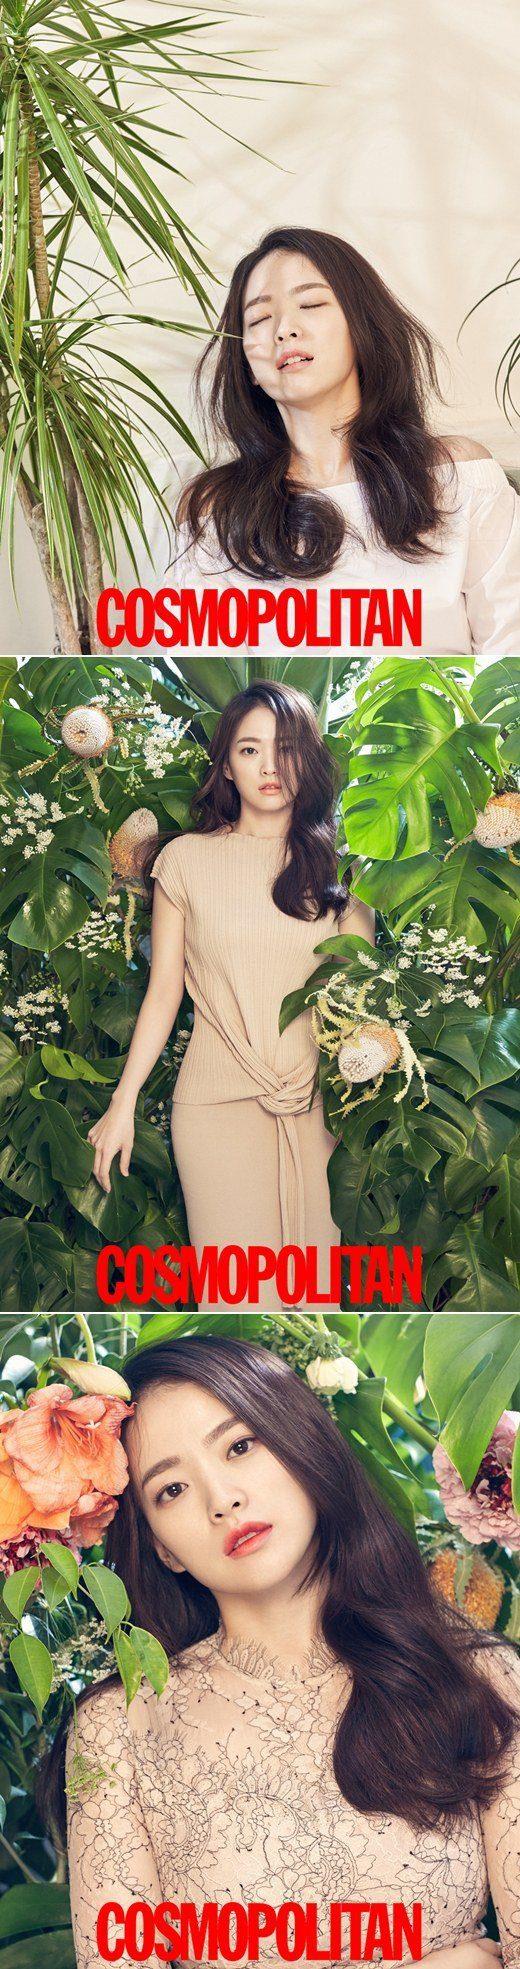 chun-woo-hee_1460995902_2016041815218054089_2